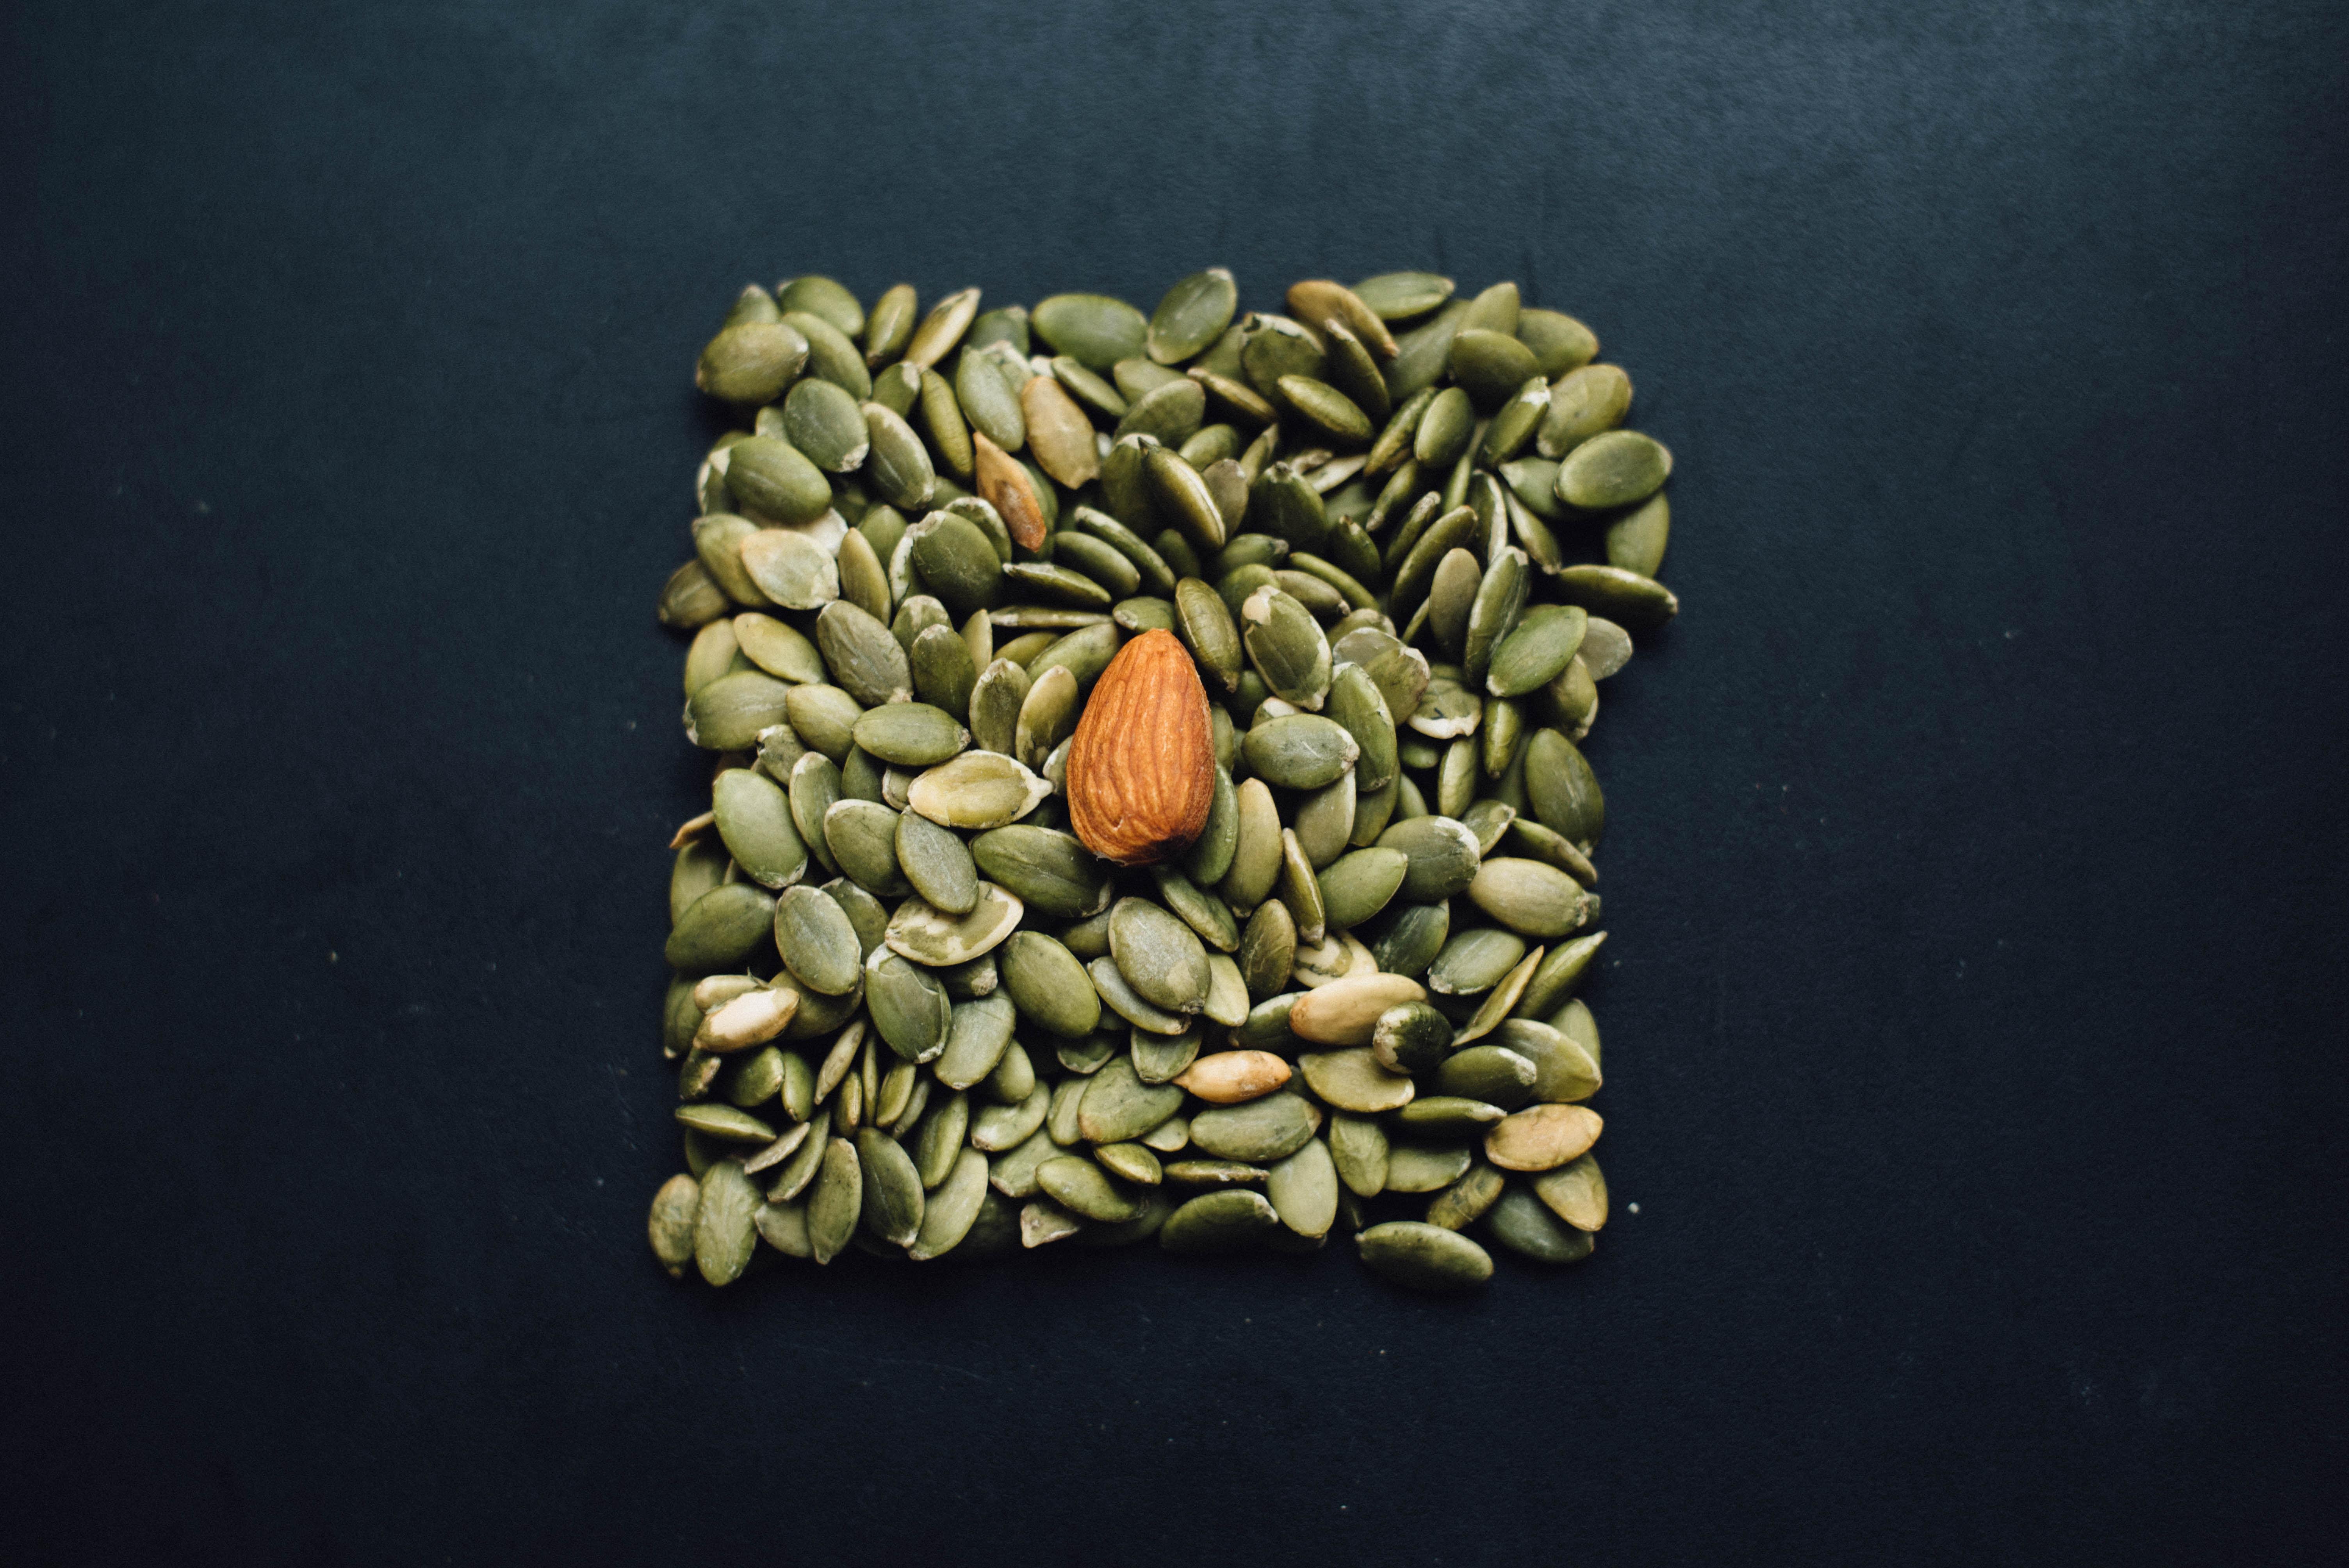 Dehulled pumpkin seeds